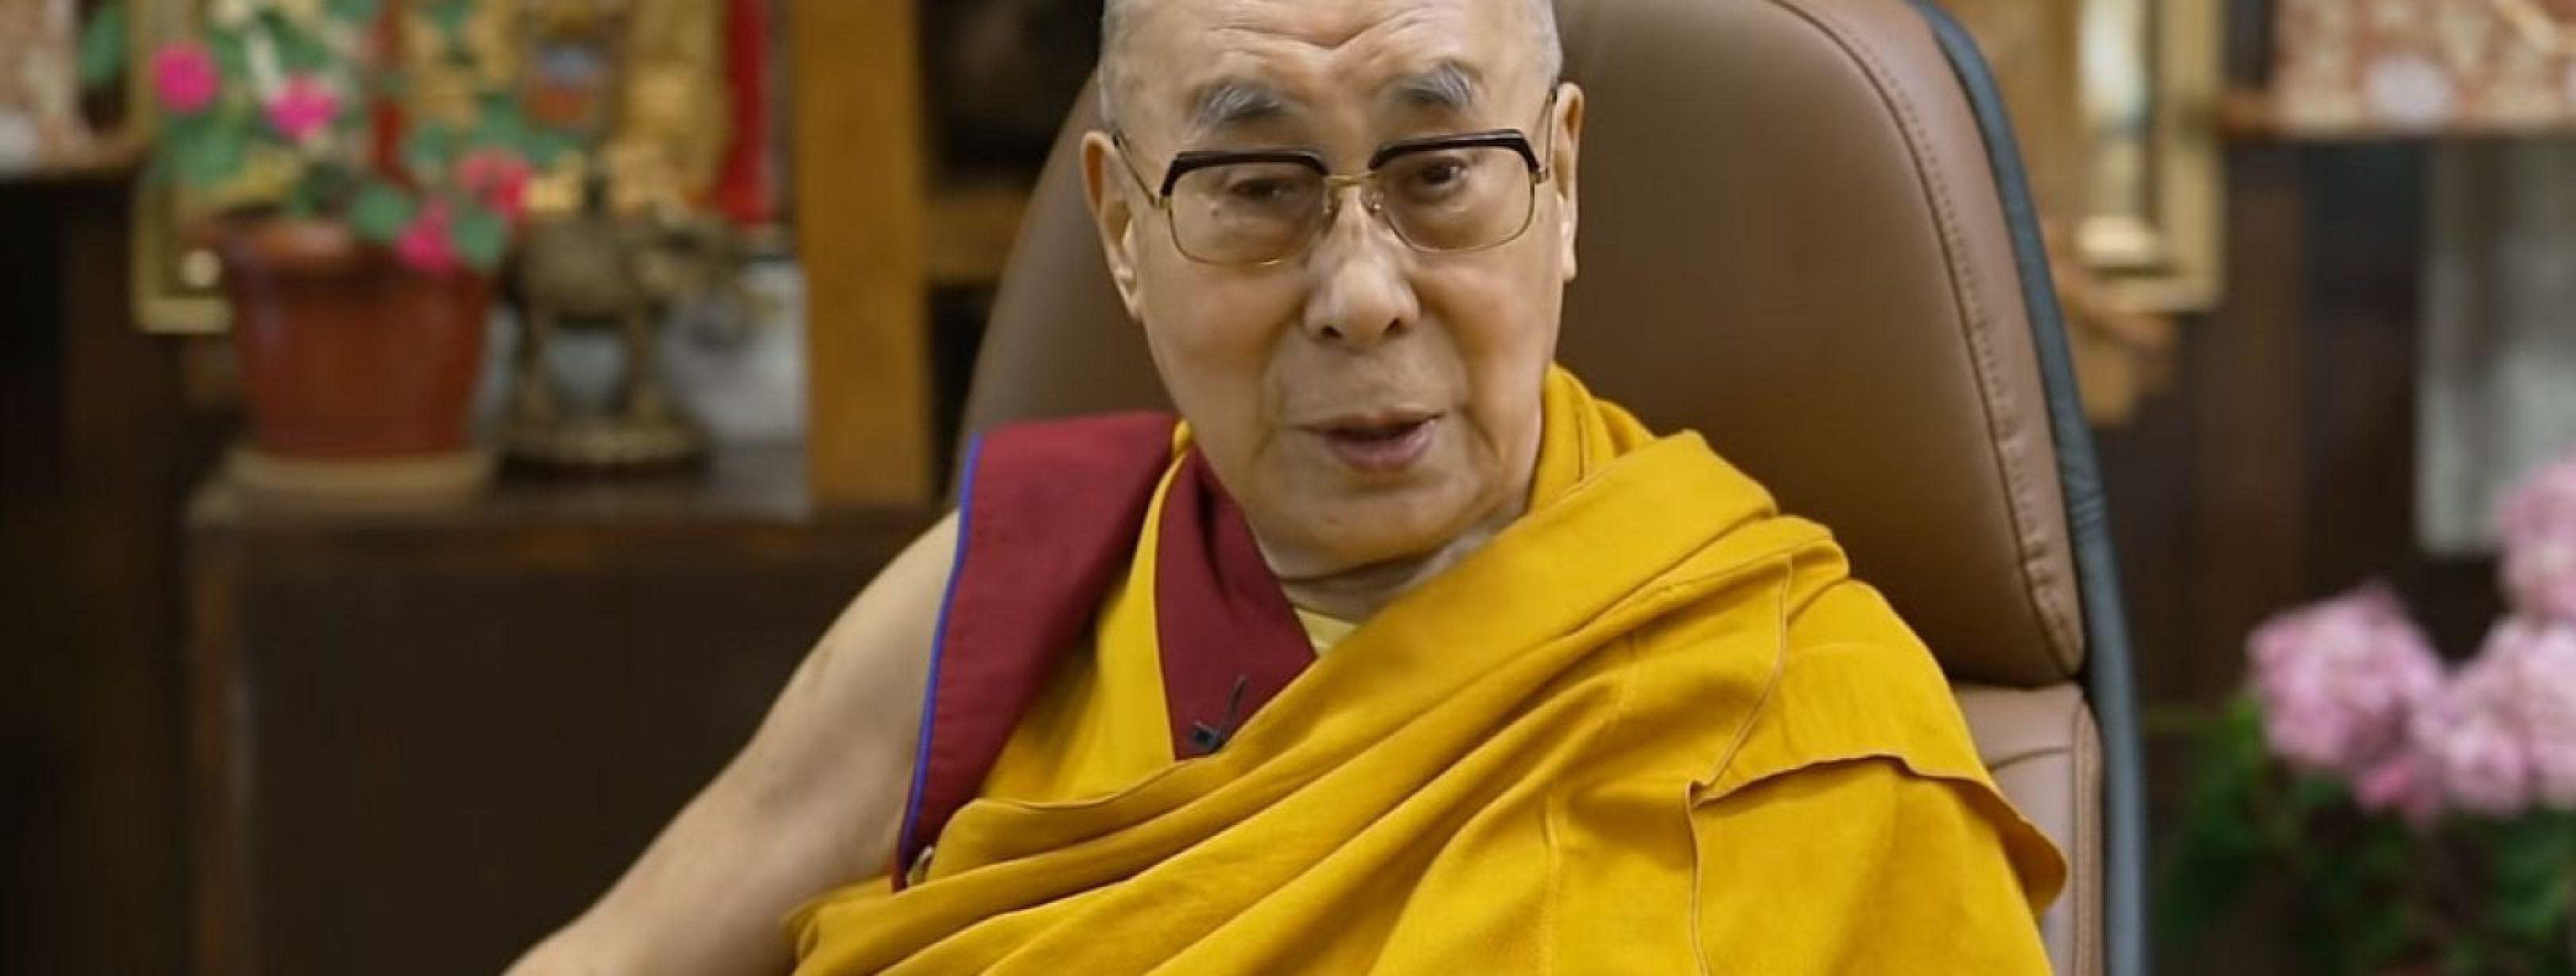 dalai-lama-is-85-jaar